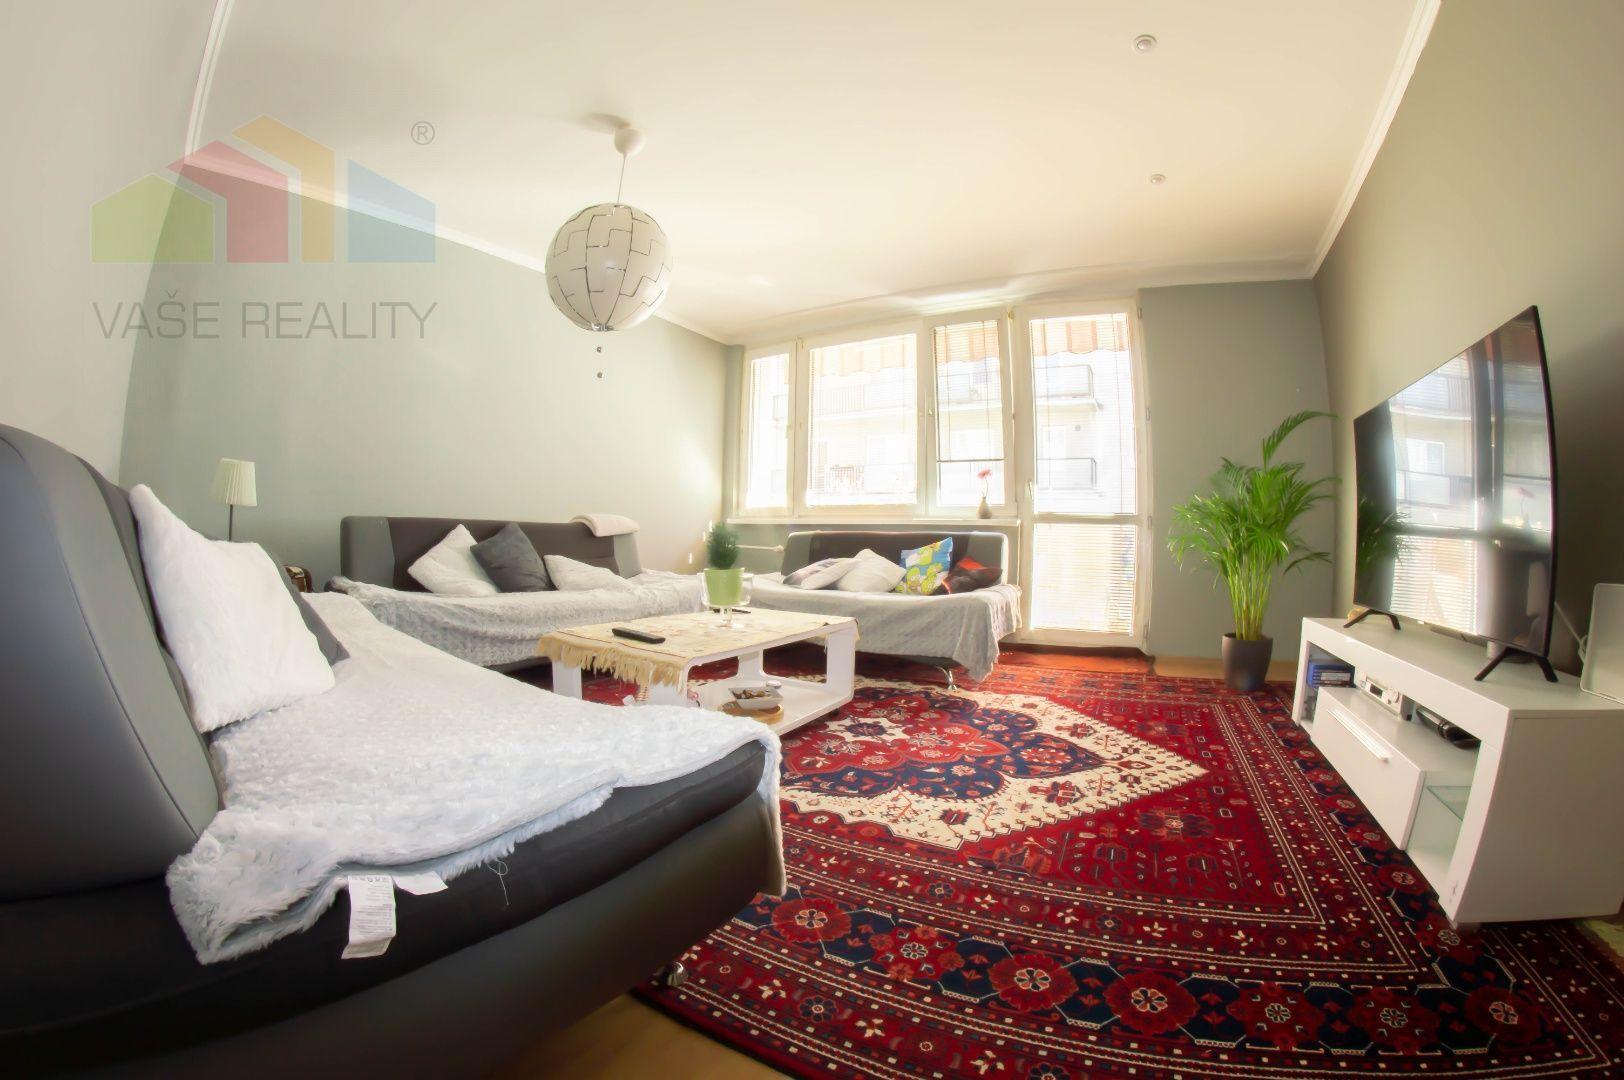 5-izbový a viac...-Predaj-Bratislava - mestská časť Nové Mesto-326000.00 €